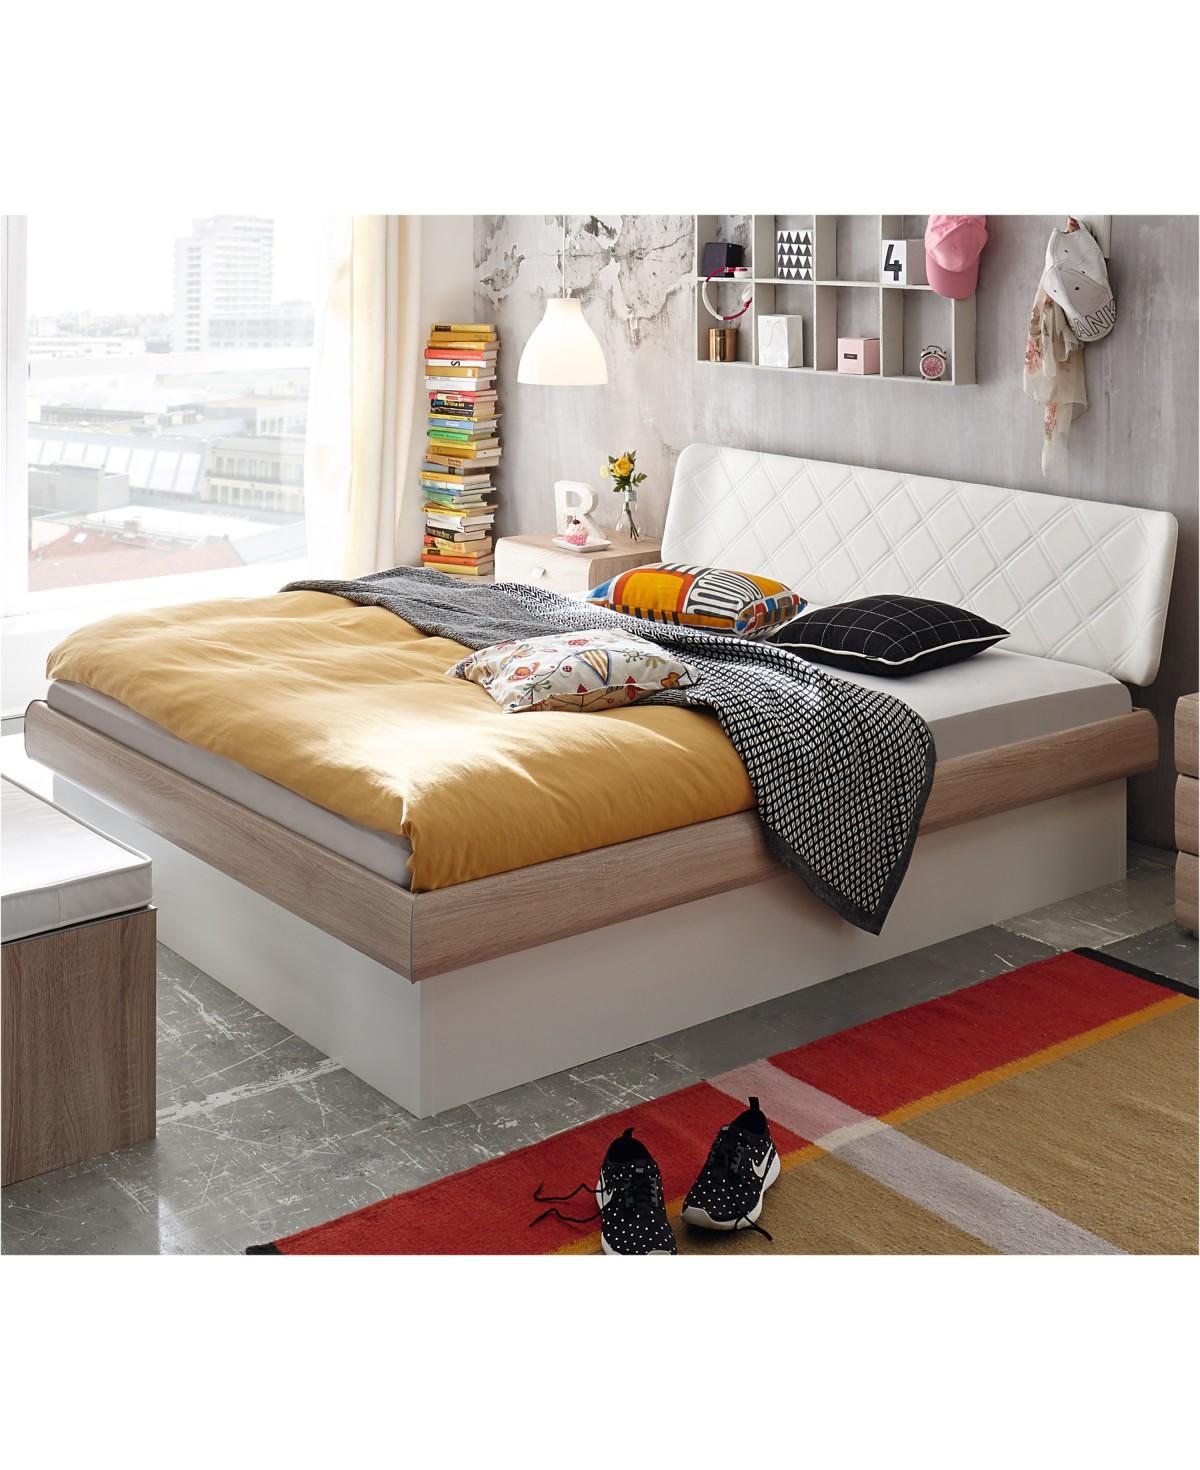 Full Size of Bett 200x220 Komforthöhe Hasena Soft Line Stauraumbett Practico Boeiche Sgerauh Dekor Ruf Betten Fabrikverkauf Mit Matratze Und Lattenrost 200x200 Paidi Wohnzimmer Bett 200x220 Komforthöhe